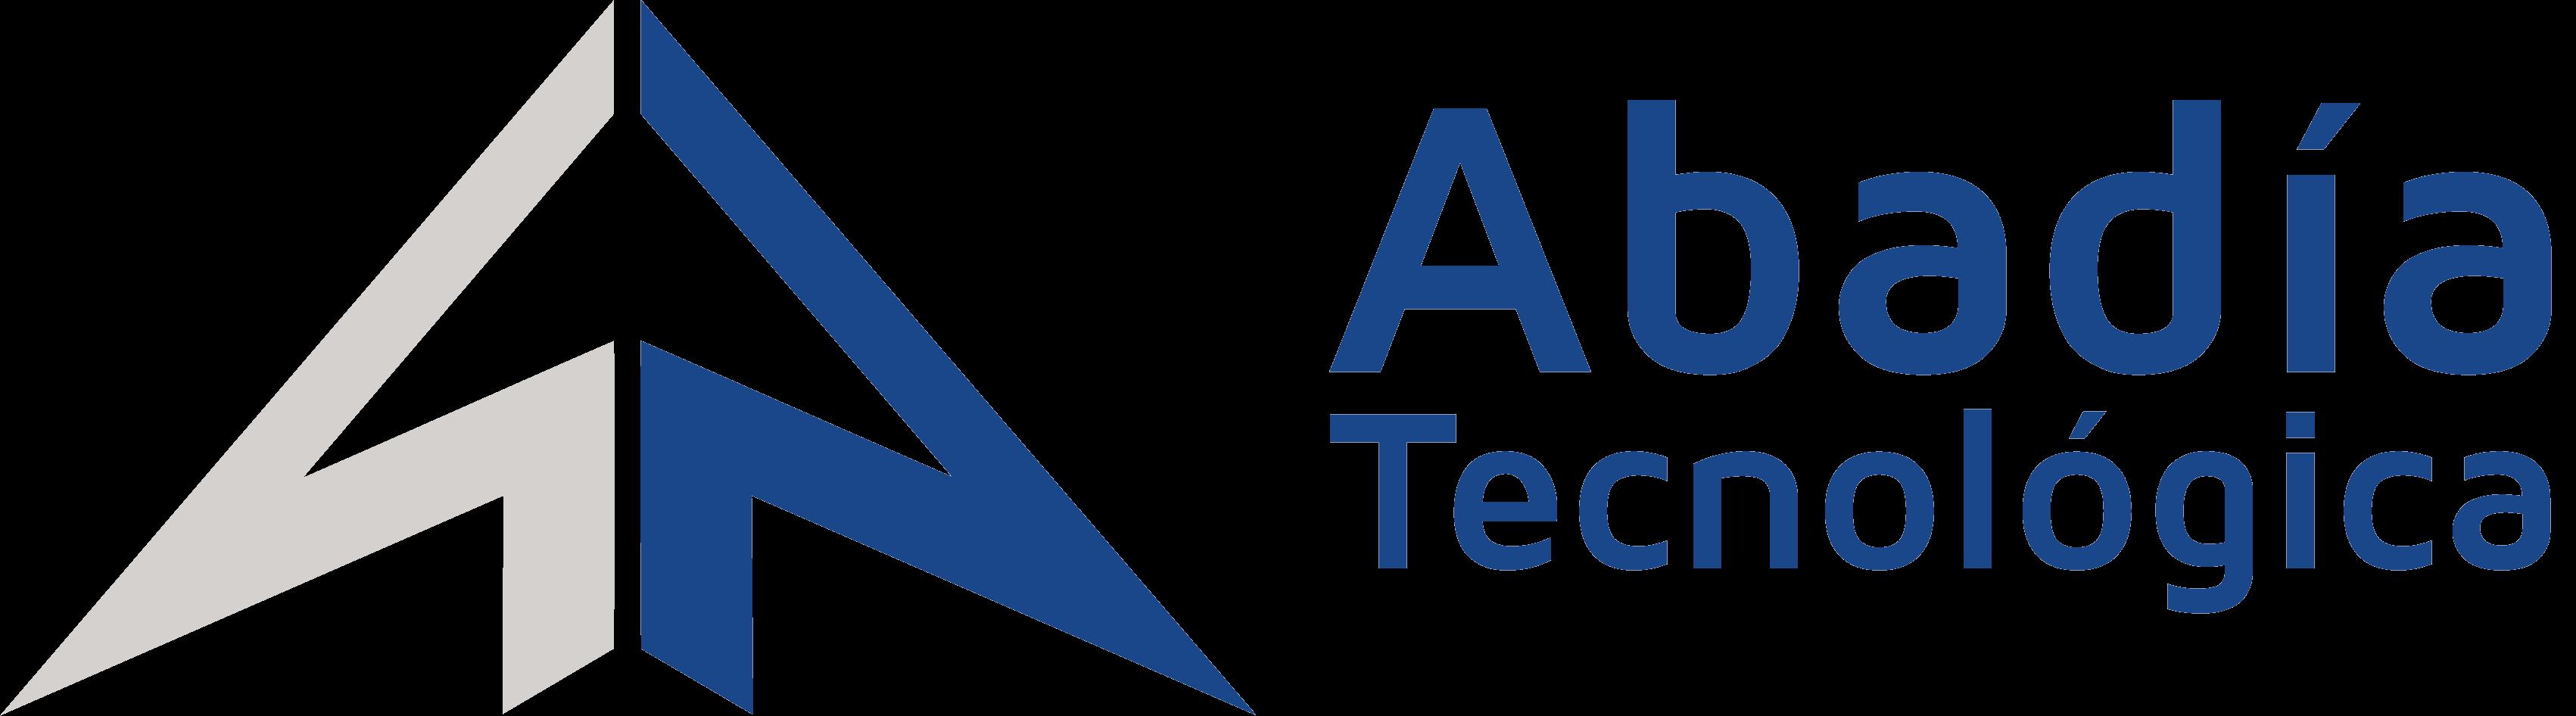 Abadía Tecnológica | Tienda Impresión 3D